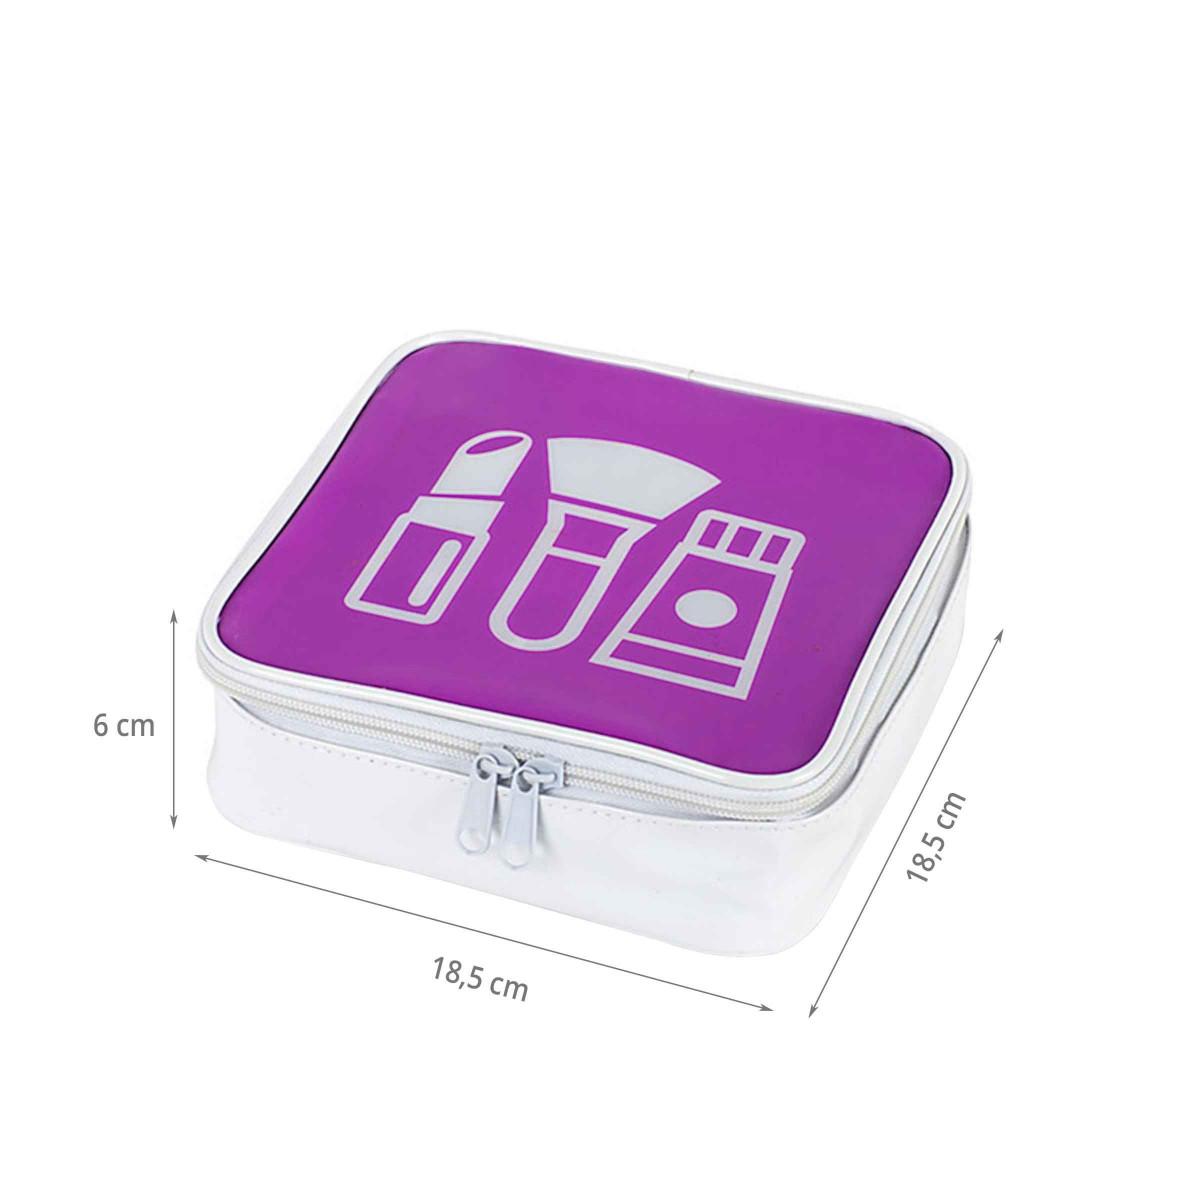 trousse maquillage rose violet. Black Bedroom Furniture Sets. Home Design Ideas